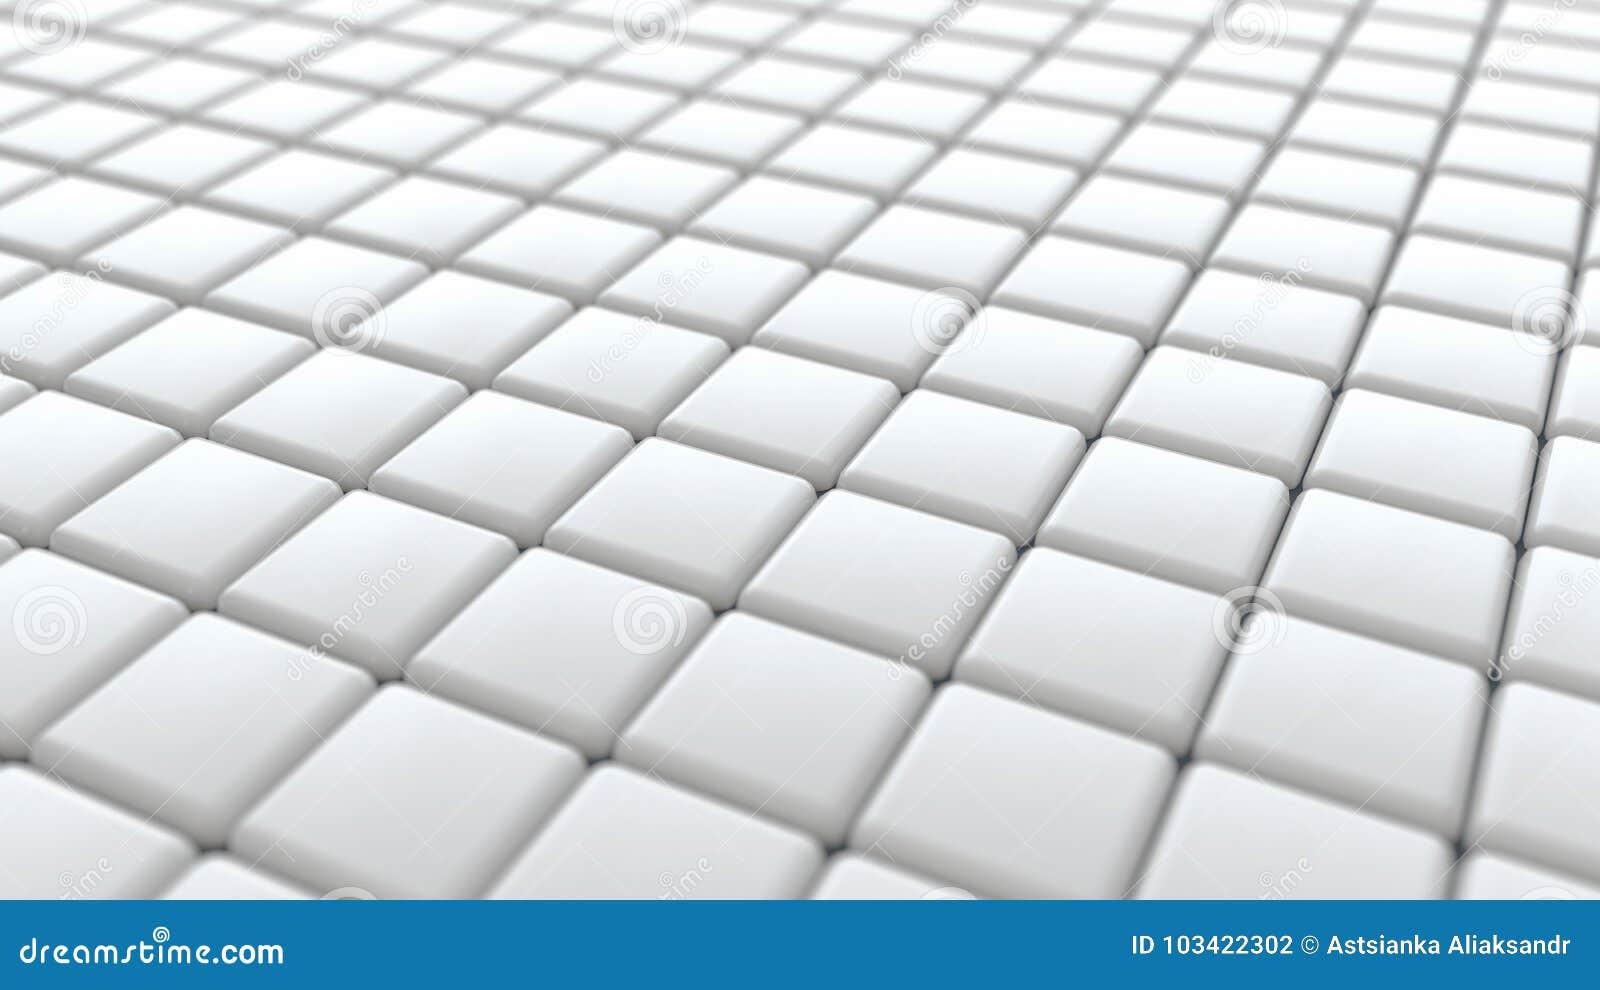 White Ceramic Bathroom Tiles 3d Rendering Background Stock